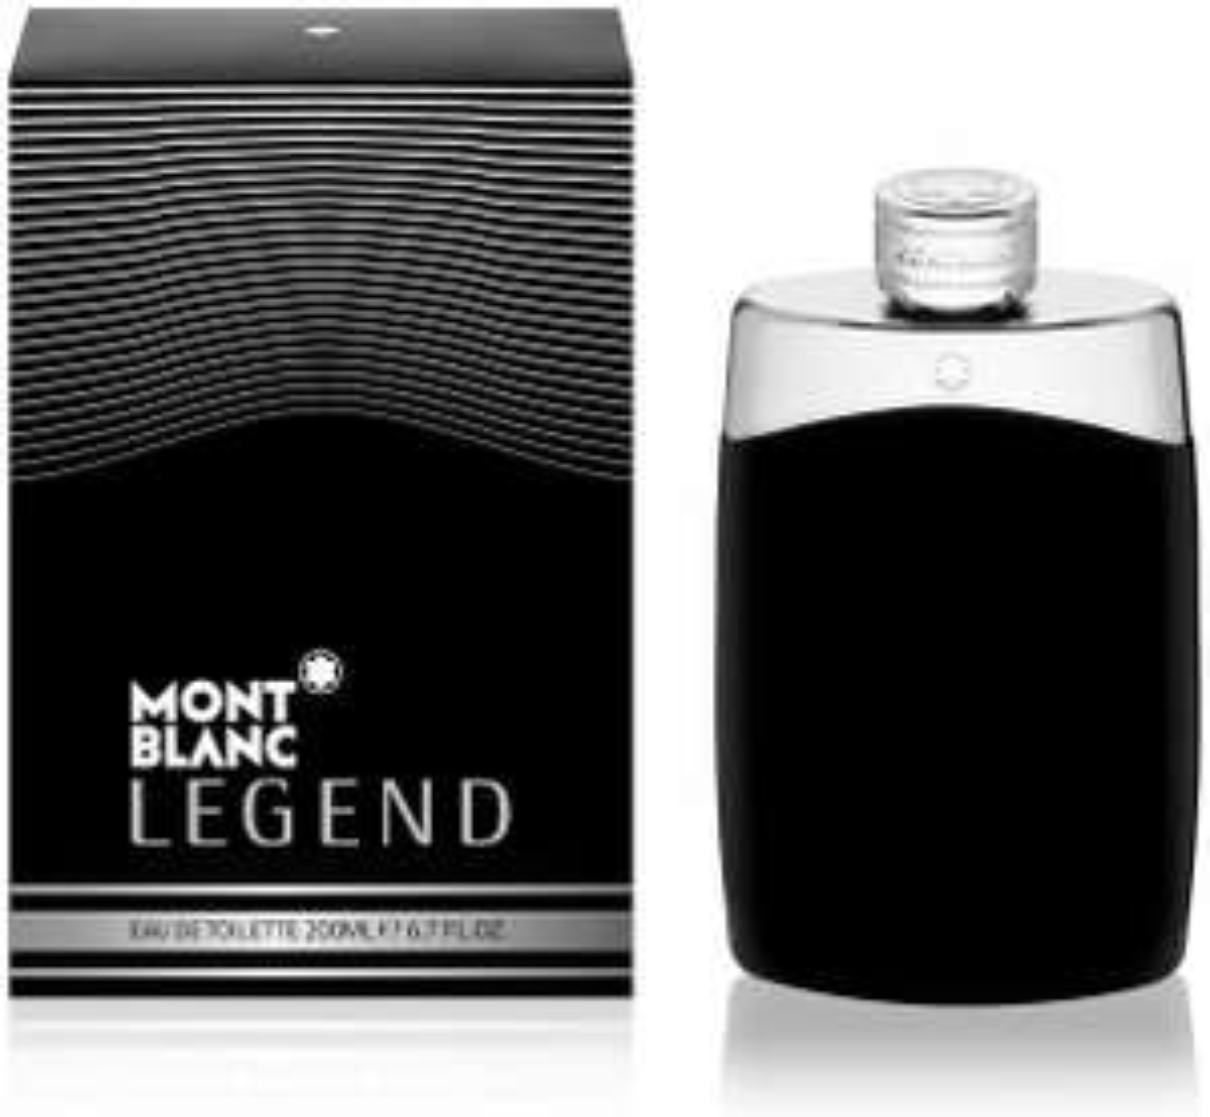 Montblanc Legend Eau de Toilette - 200ml (Amazon.co.uk)